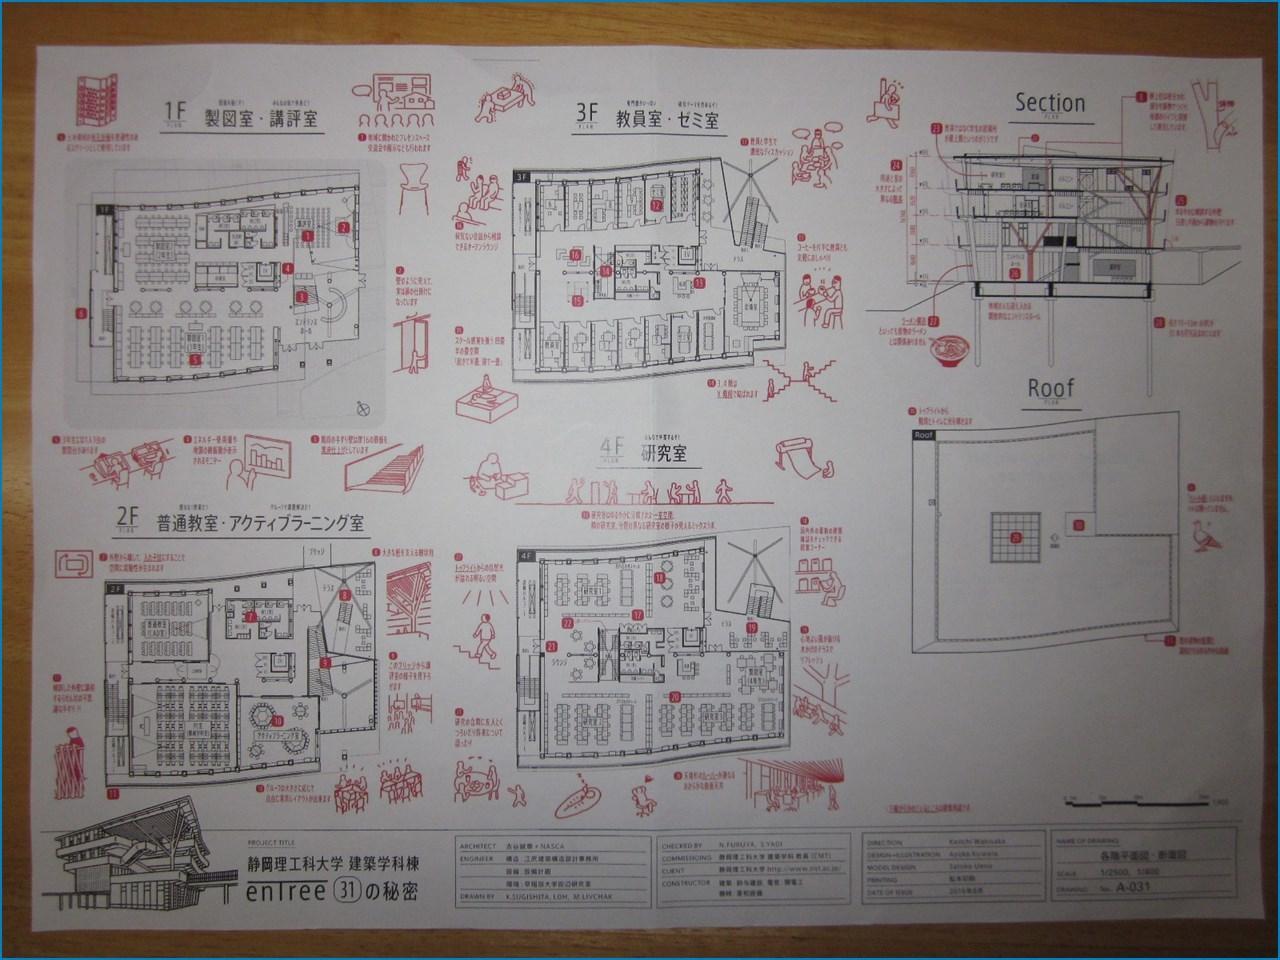 静岡理工科大学 理工学部 建築学科棟の見学 2_c0376508_05110862.jpg